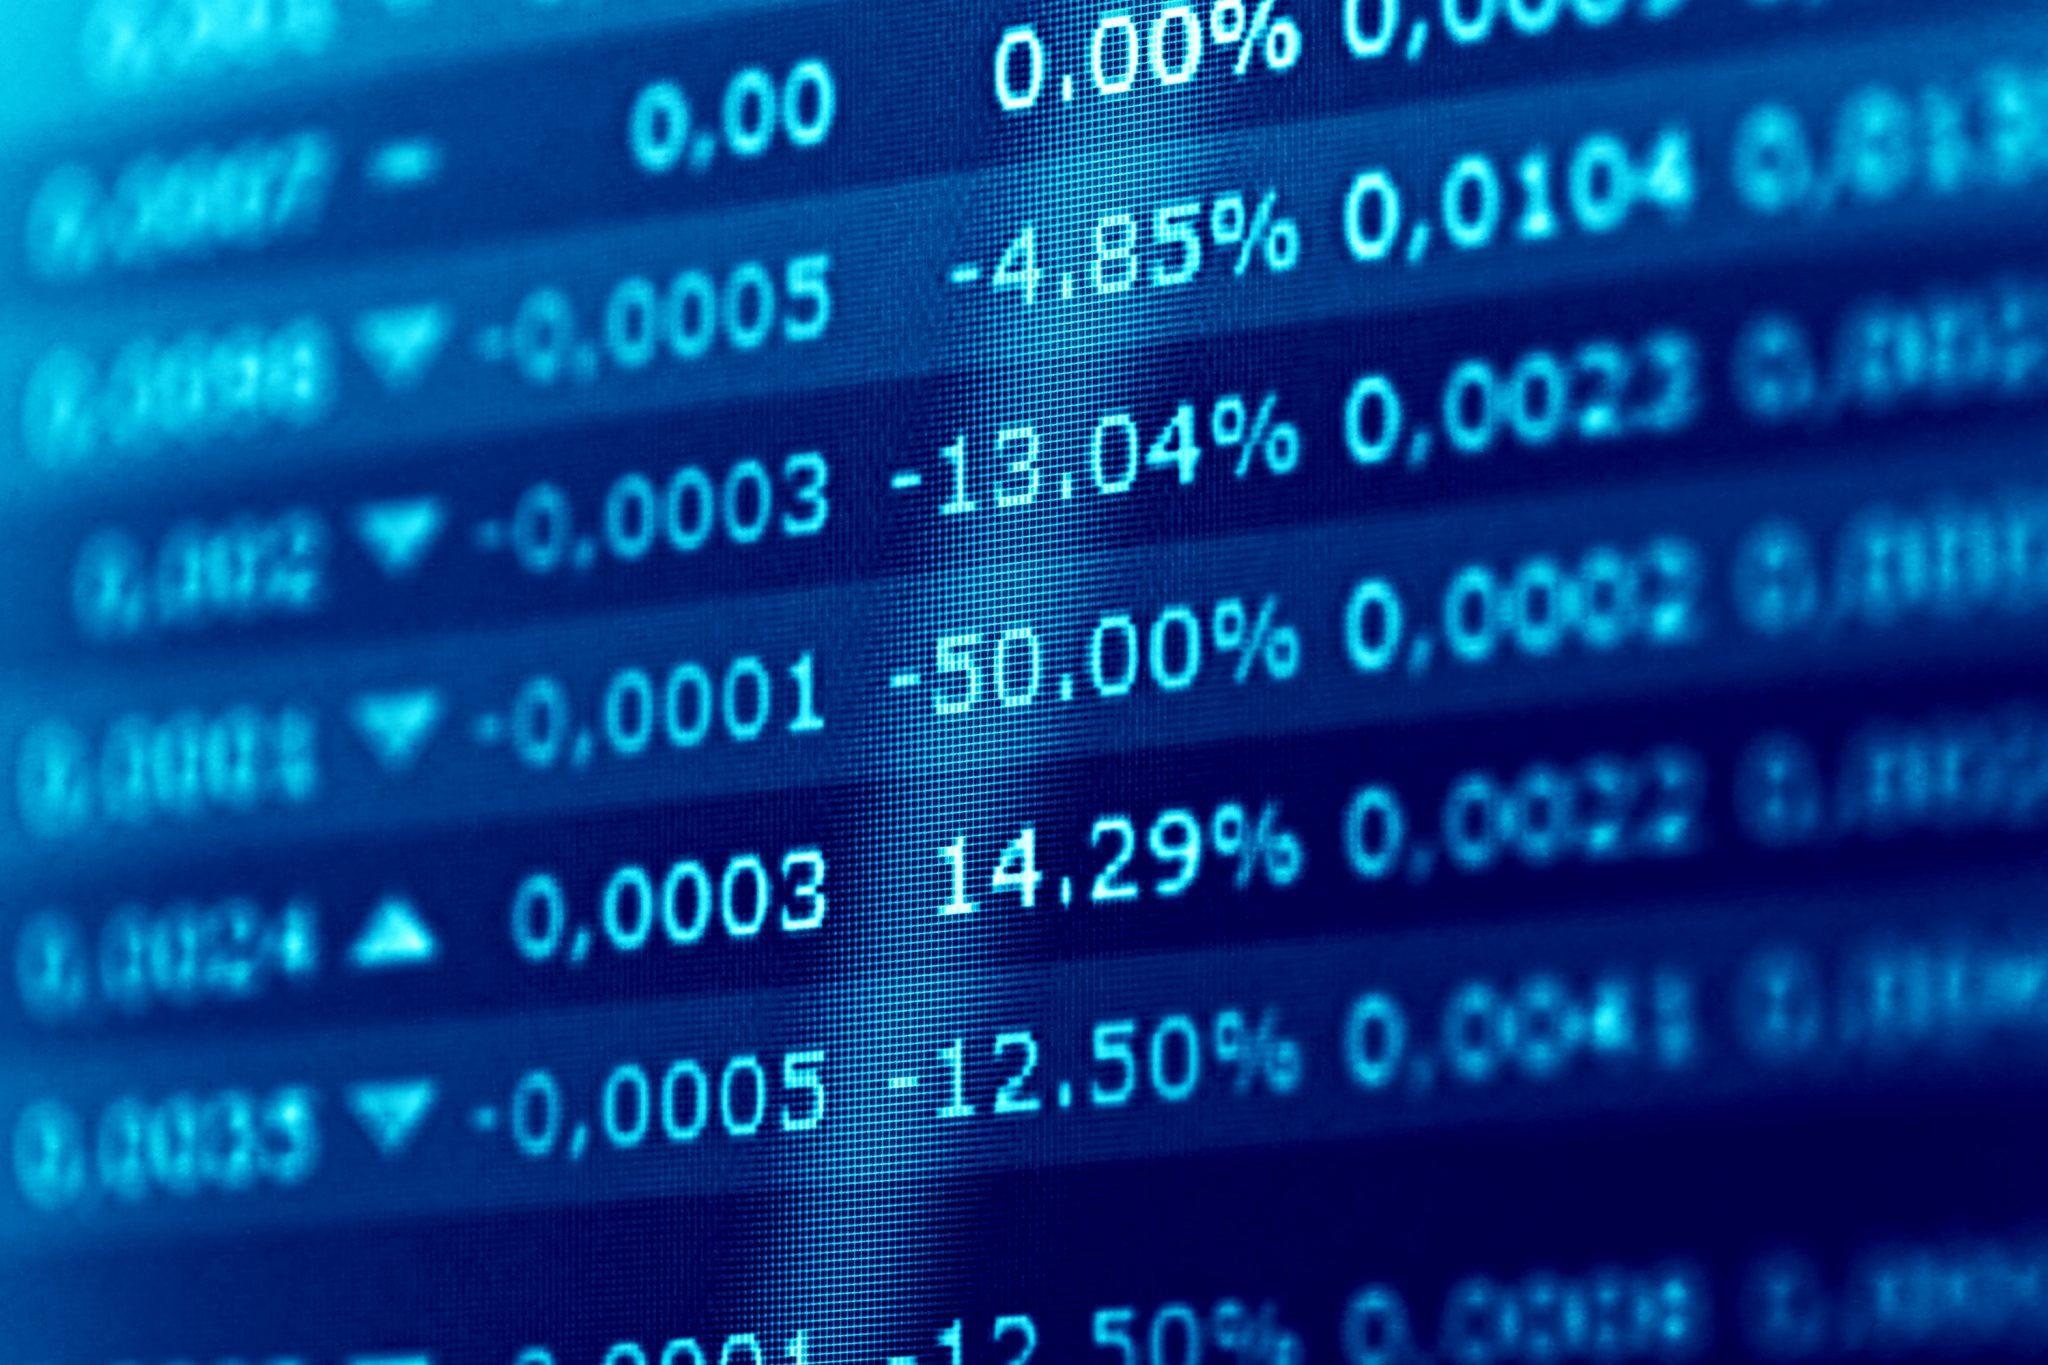 fe6b70cd4 Fundos de Ações: o que são, como funcionam e como investir   BTG Pactual  digital